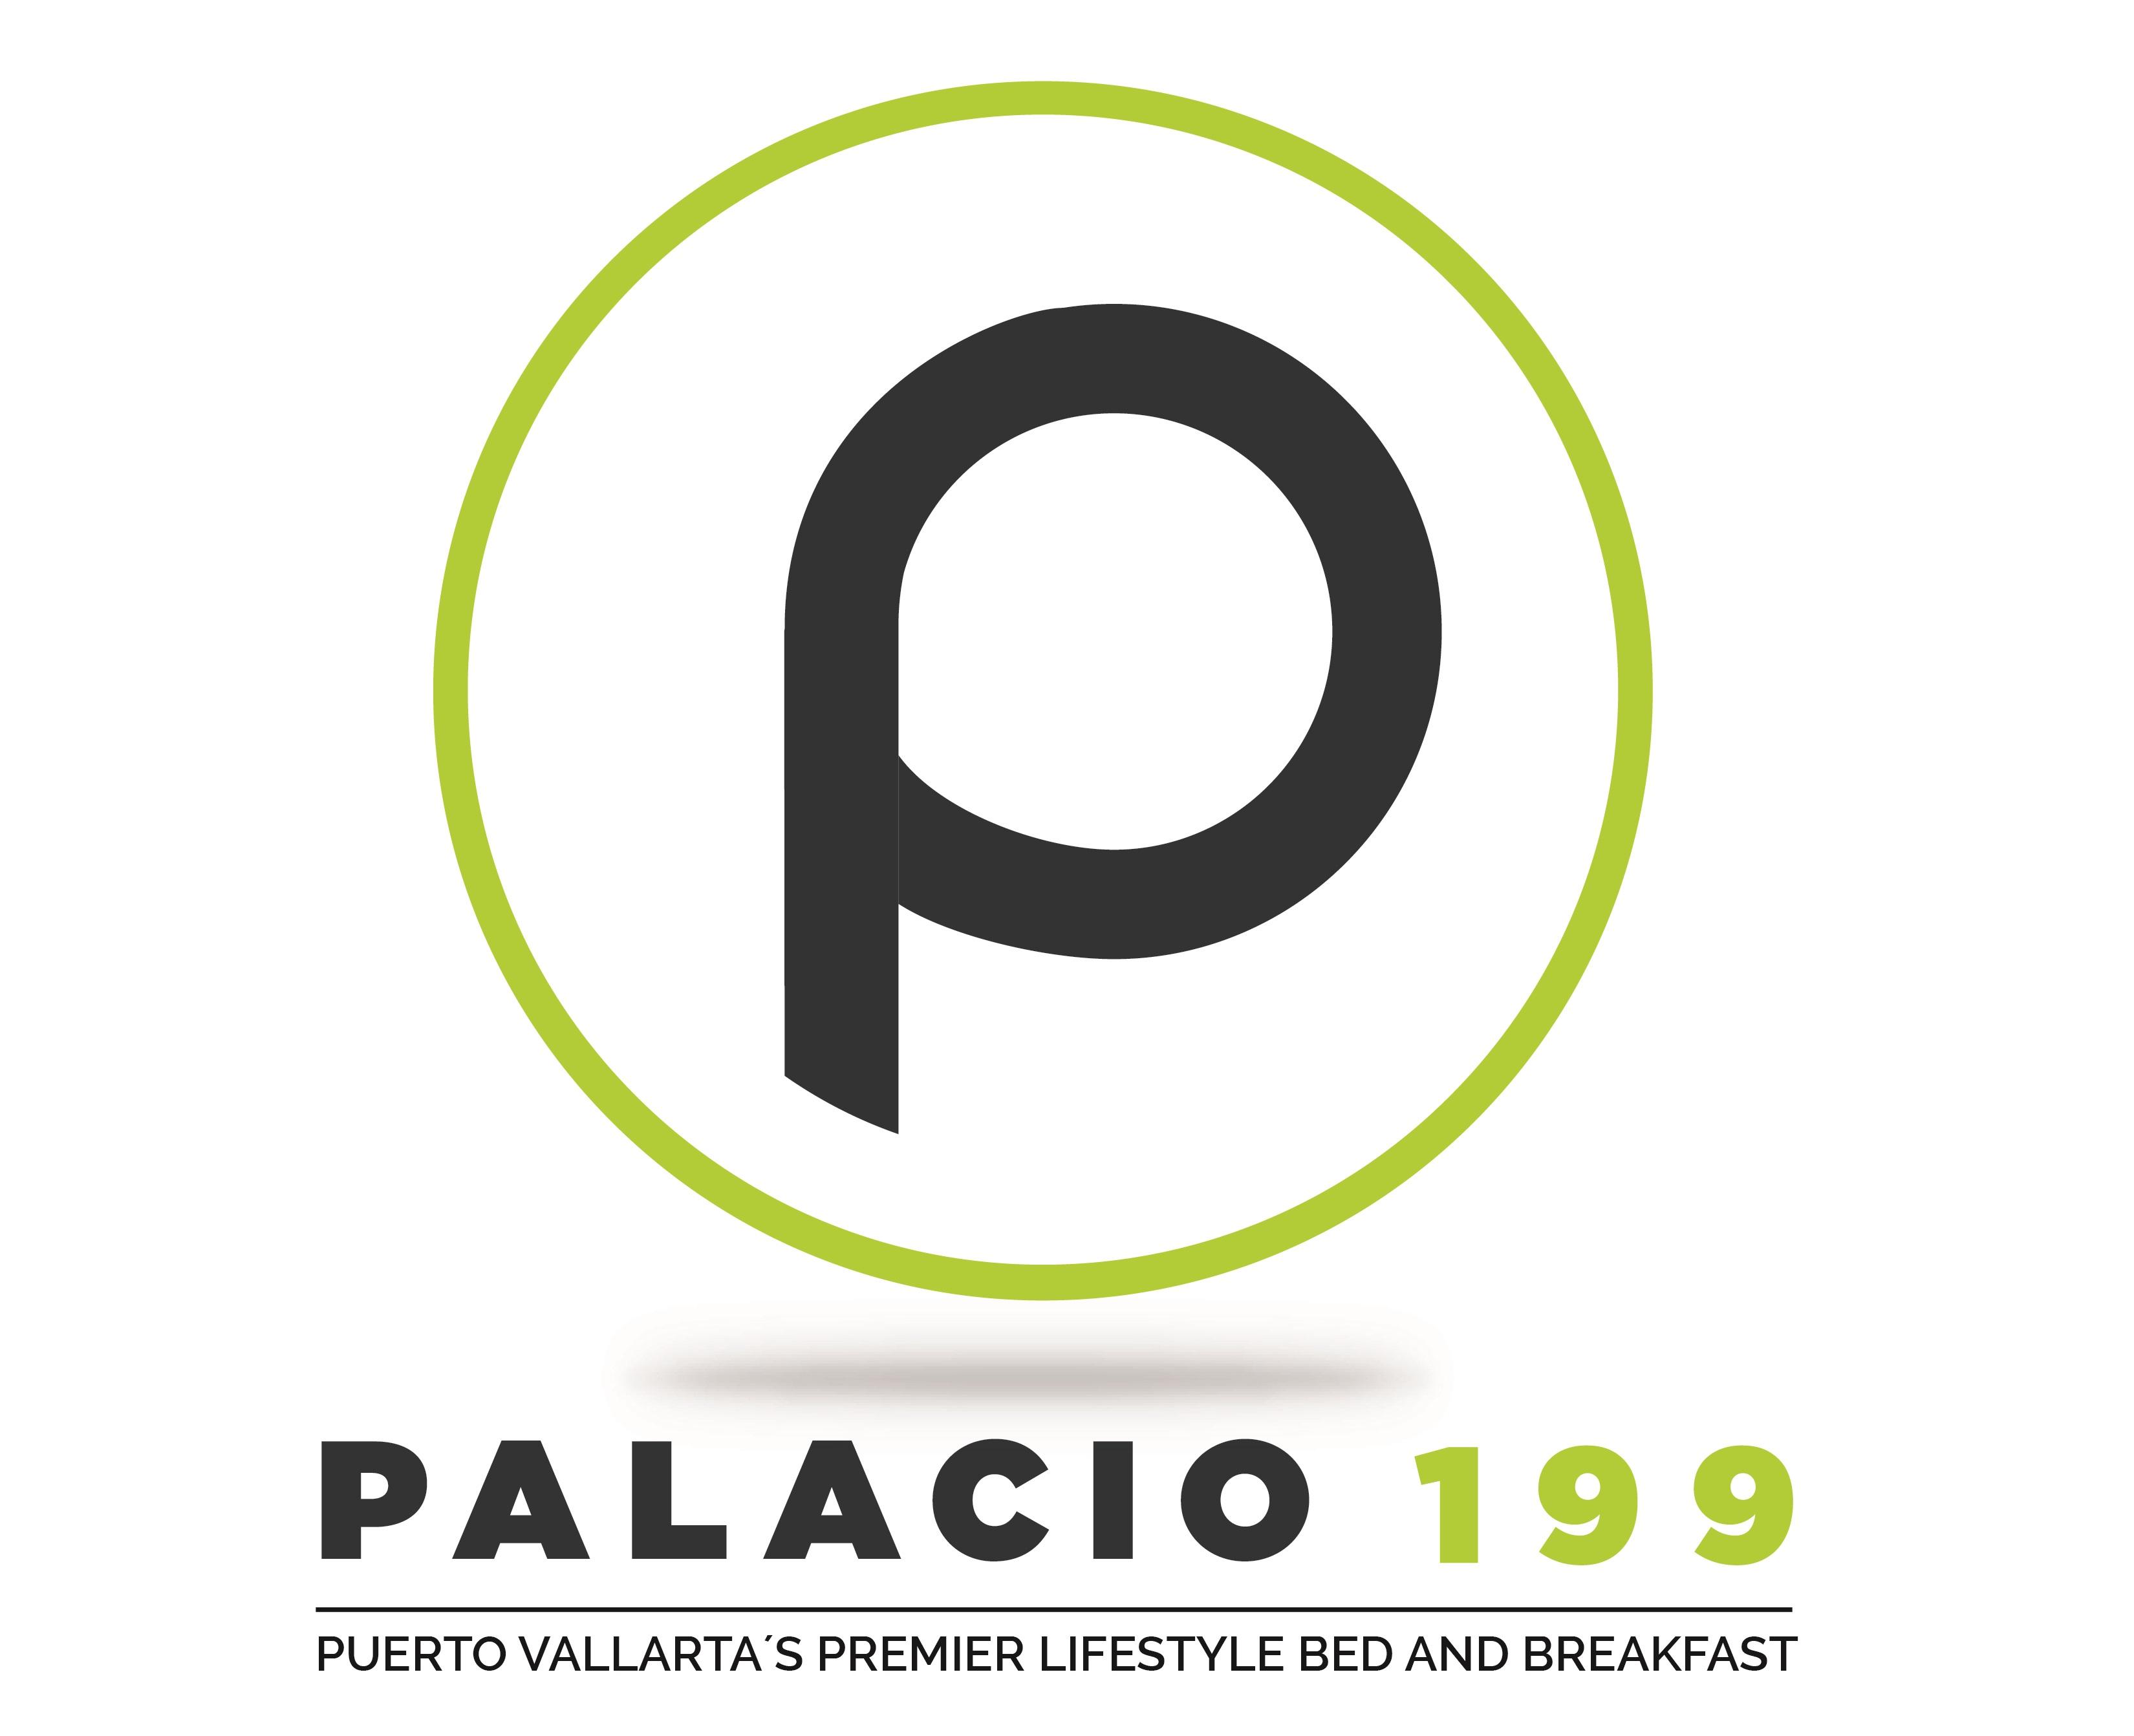 Palacio 199